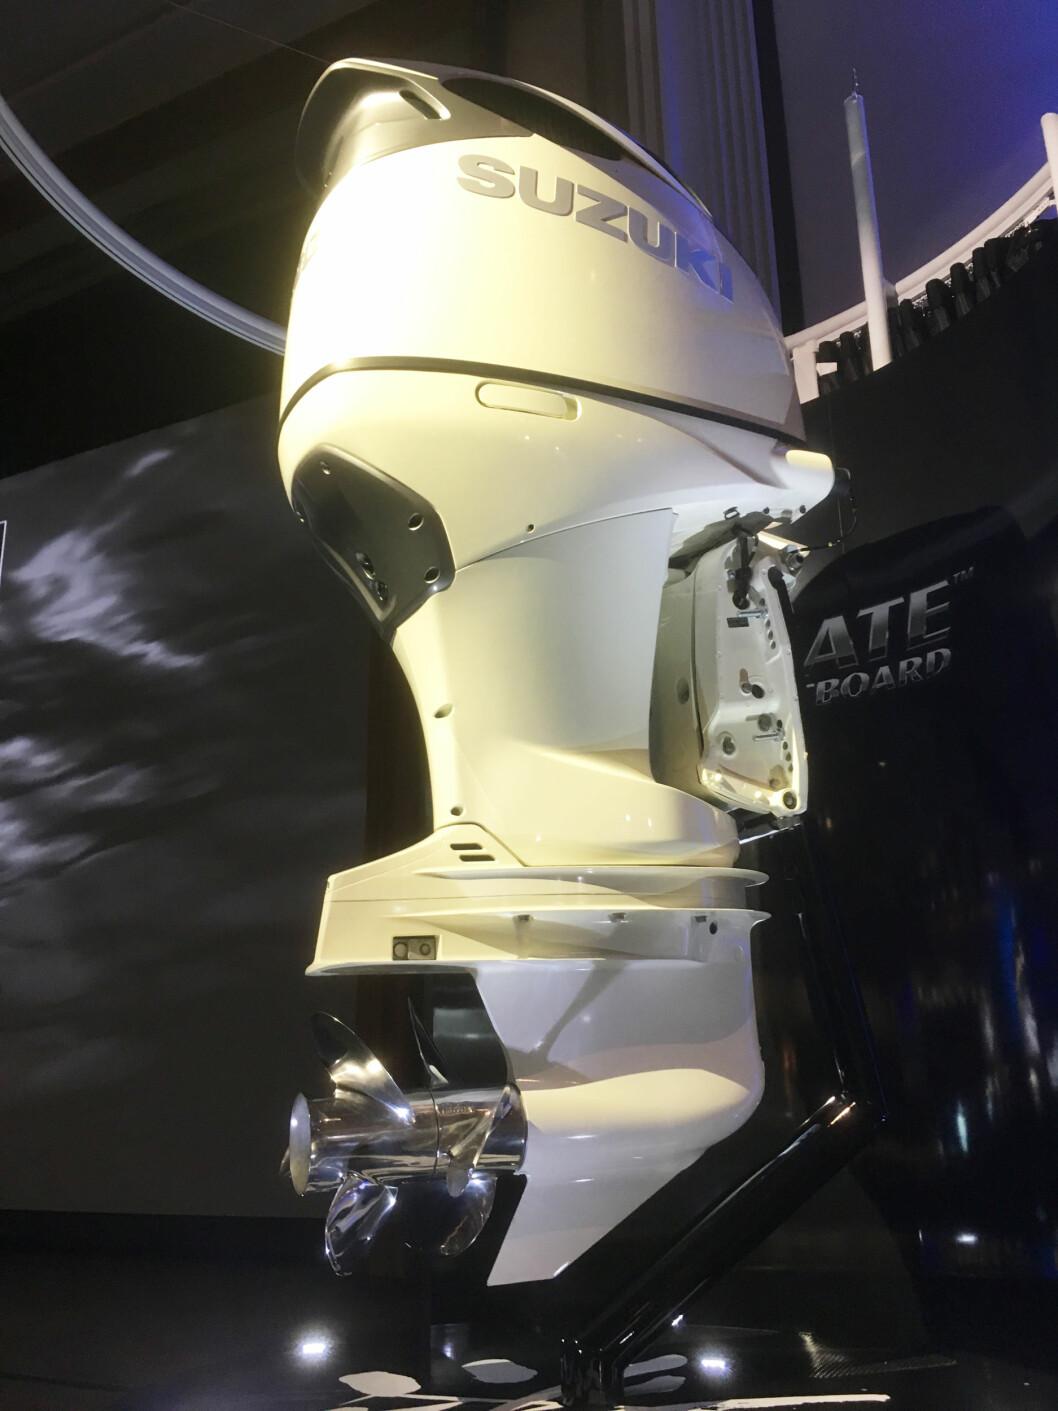 UNIK: V6 på 350 hk med duoprop er noe helt nytt....